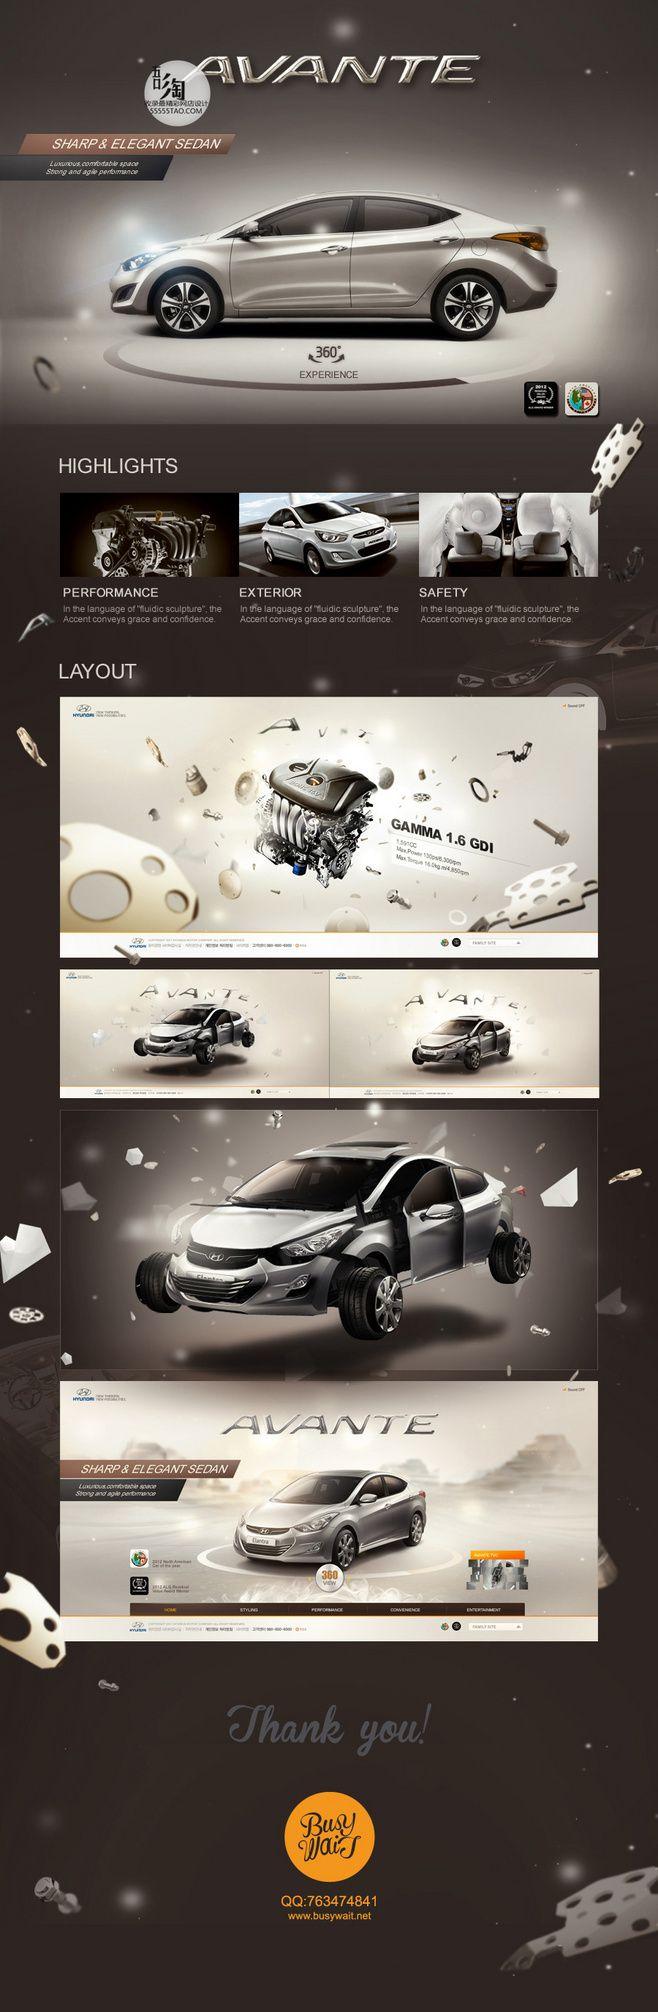 汽车专题 电商设计 网页设计 天猫设计 ...